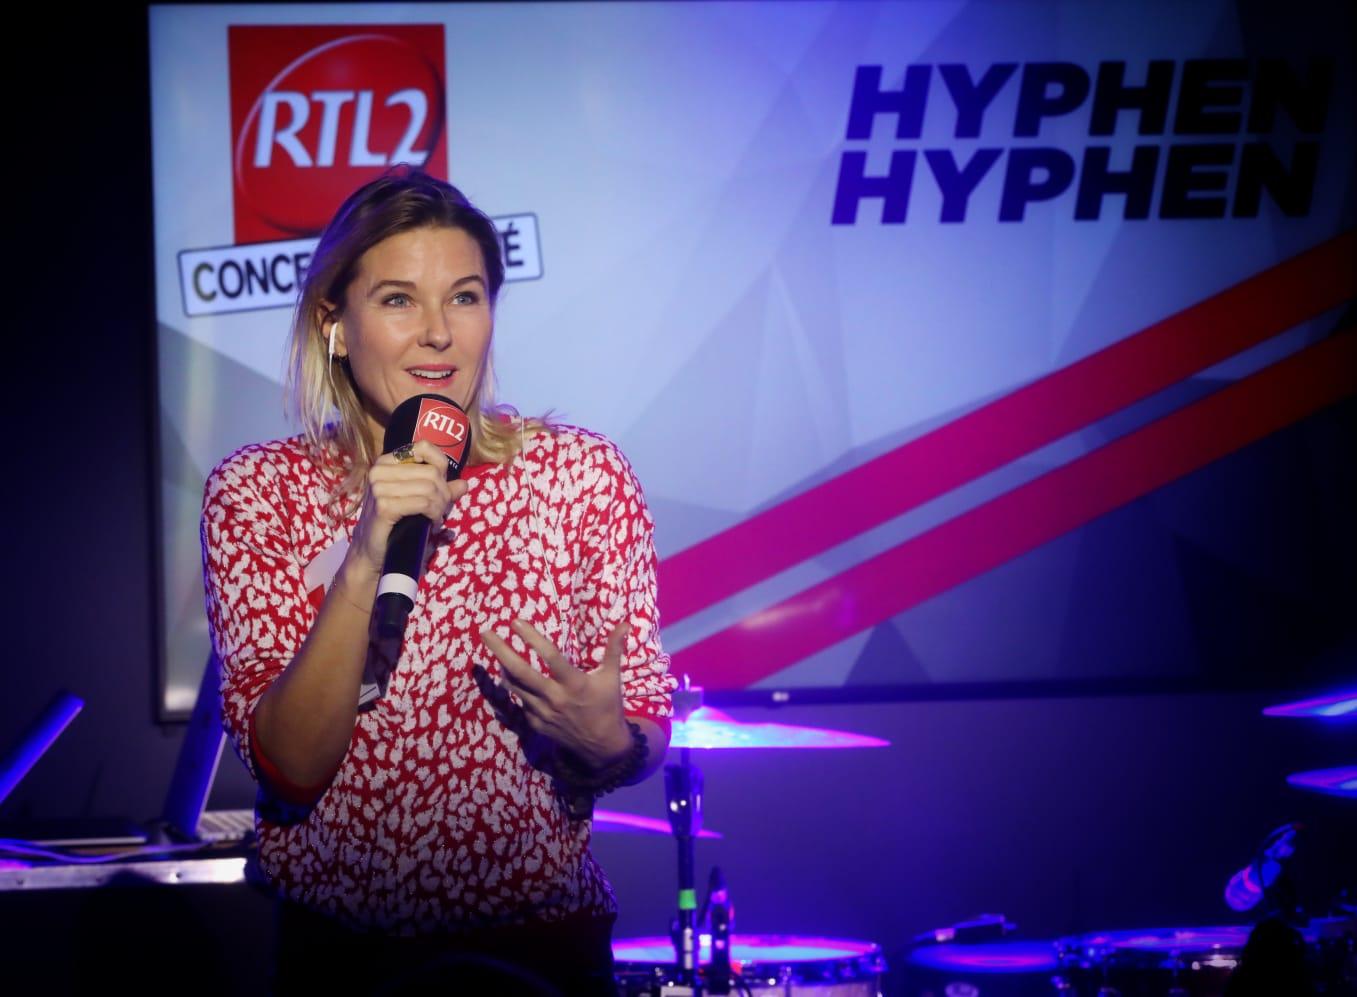 Stéphanie Renouvin a présenté le Concert Très Très Privé d'Hyphen Hyphen dans le Grand Studio RTL2